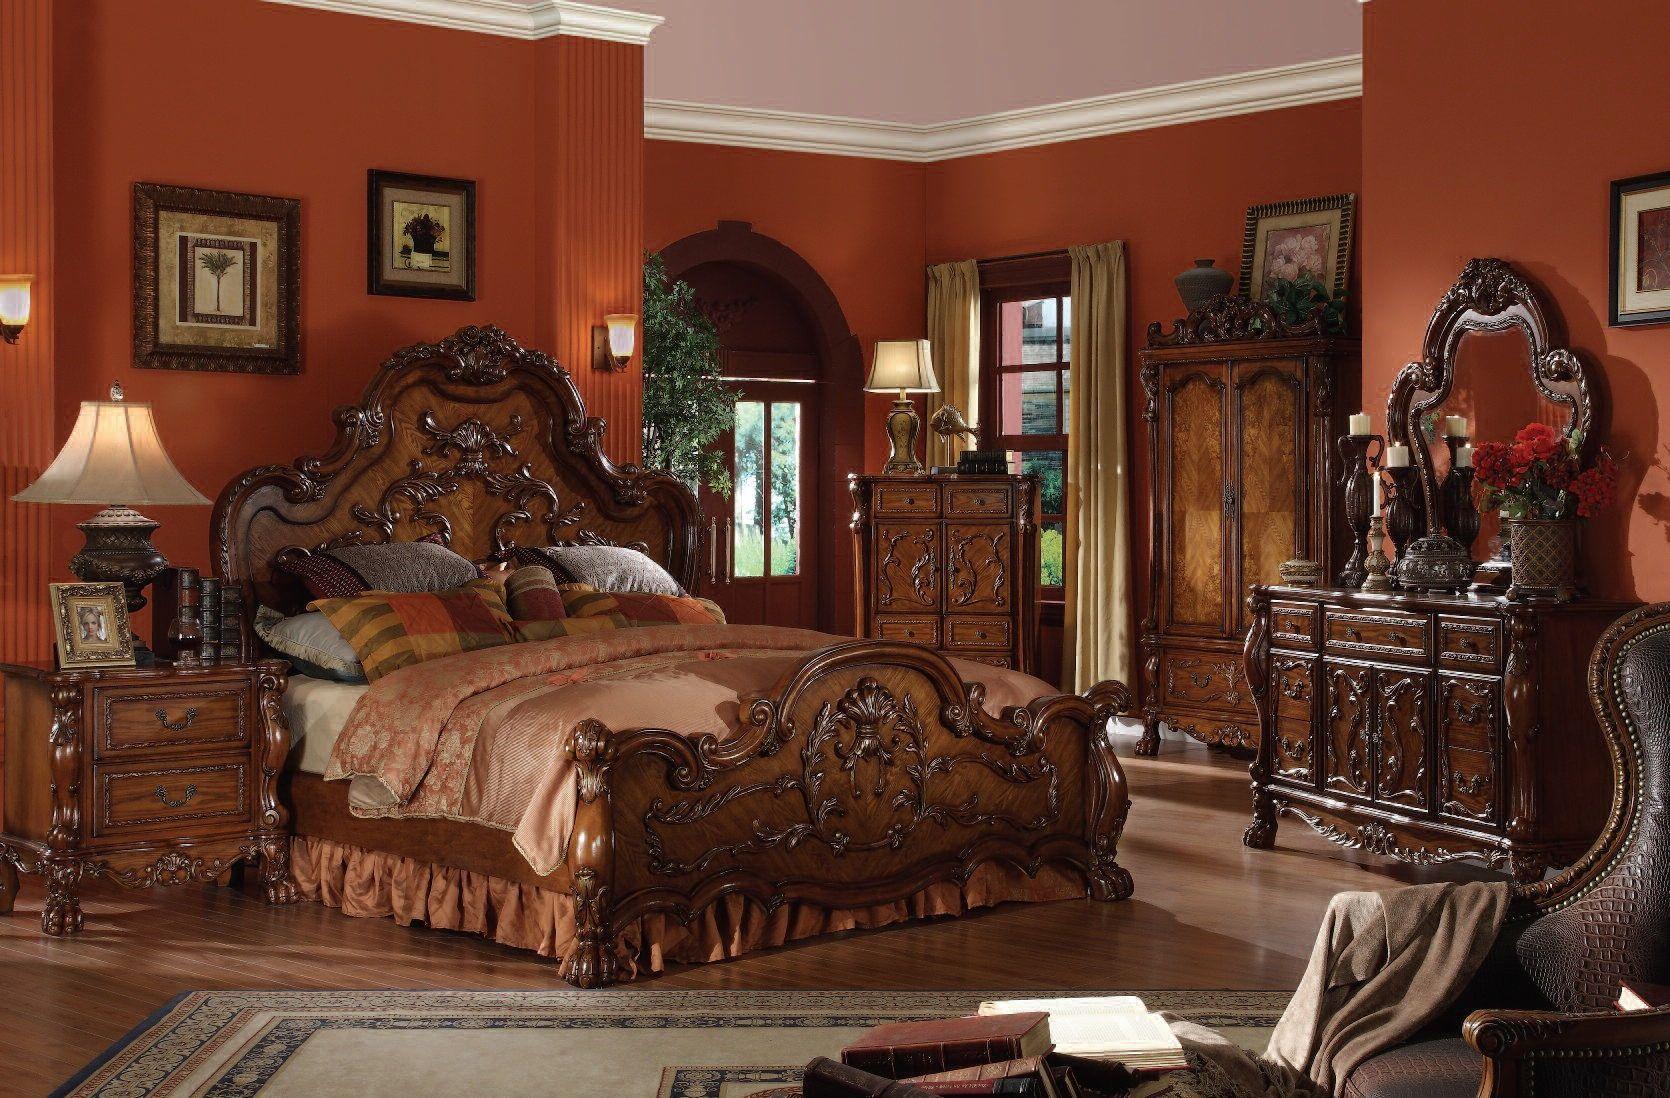 Dresden cherry oak wood master bedroom set bedrooms the classy home best deal furniture